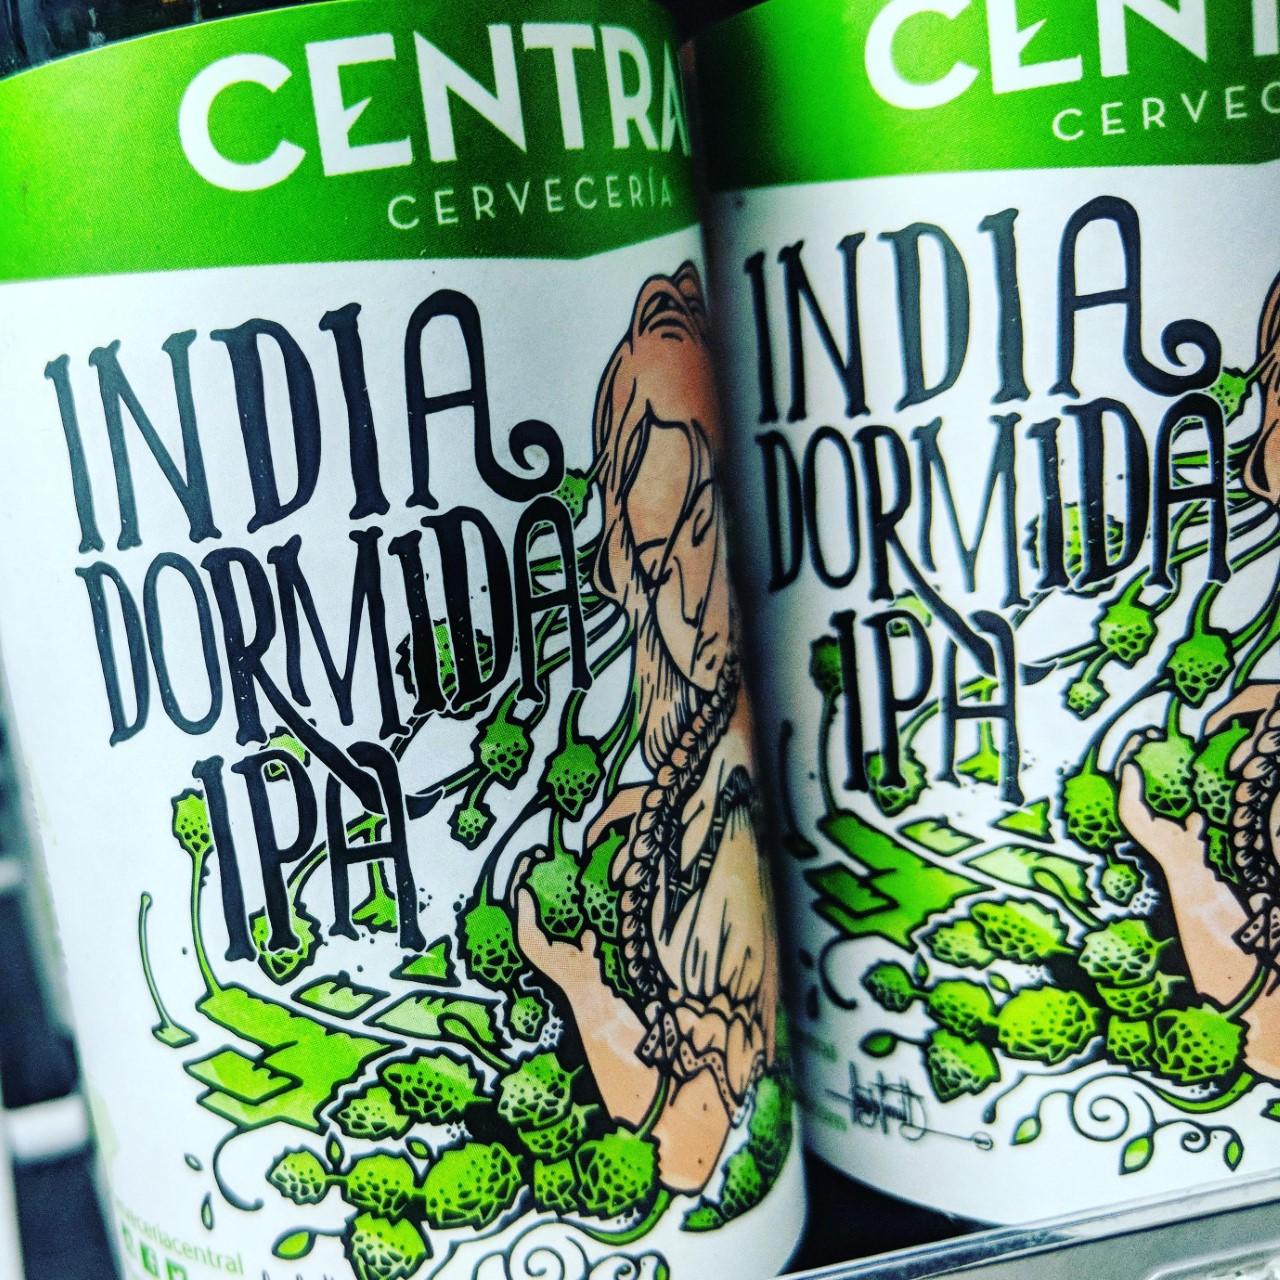 India Dormida IPA. [Обзор пива].